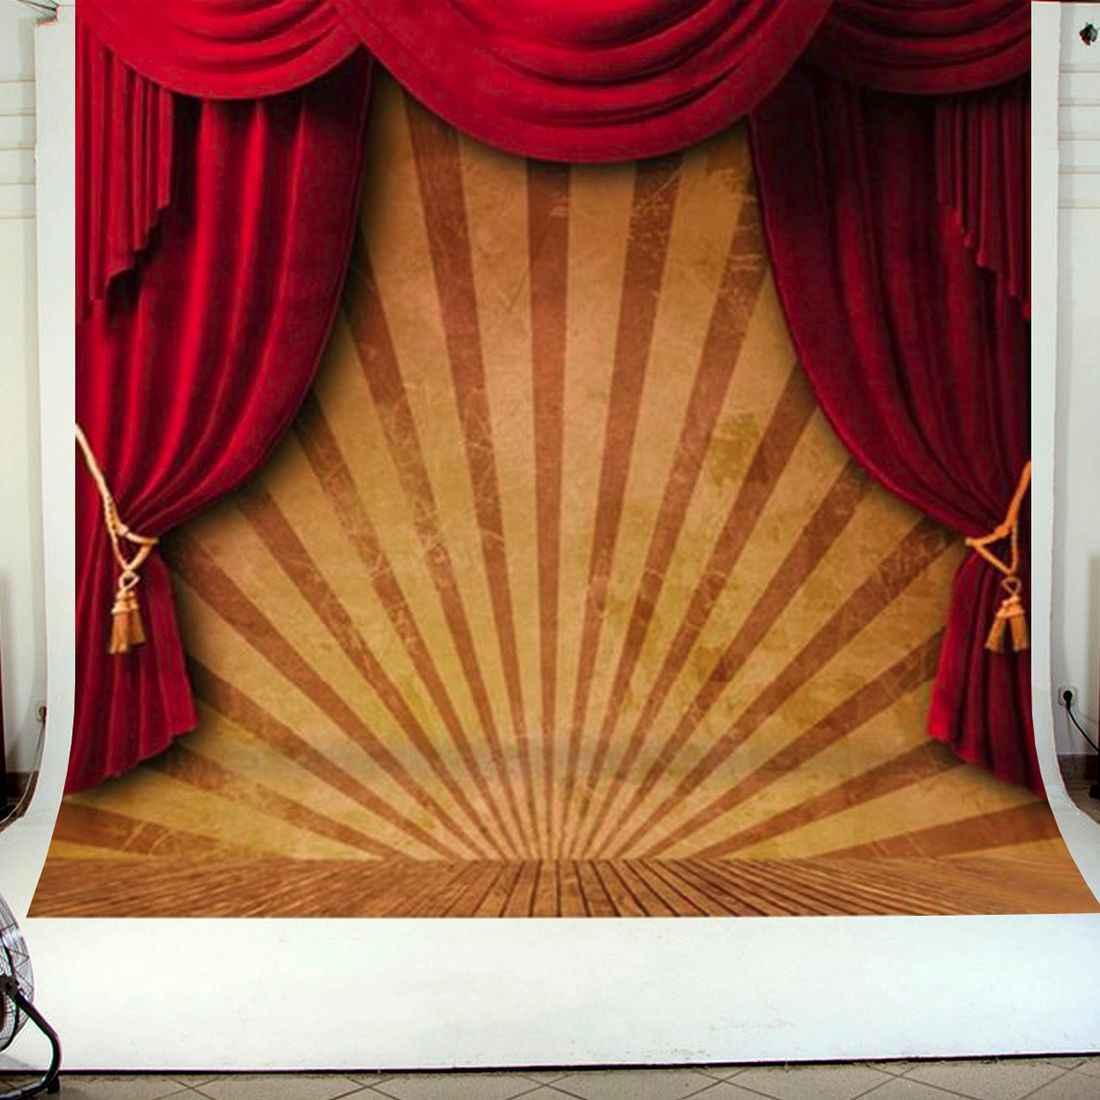 10x10 футов цирковой красный занавес сценический фон для фотосъемки студийный виниловый прочный складной светильник инструмент для тяжелой фотосъемки